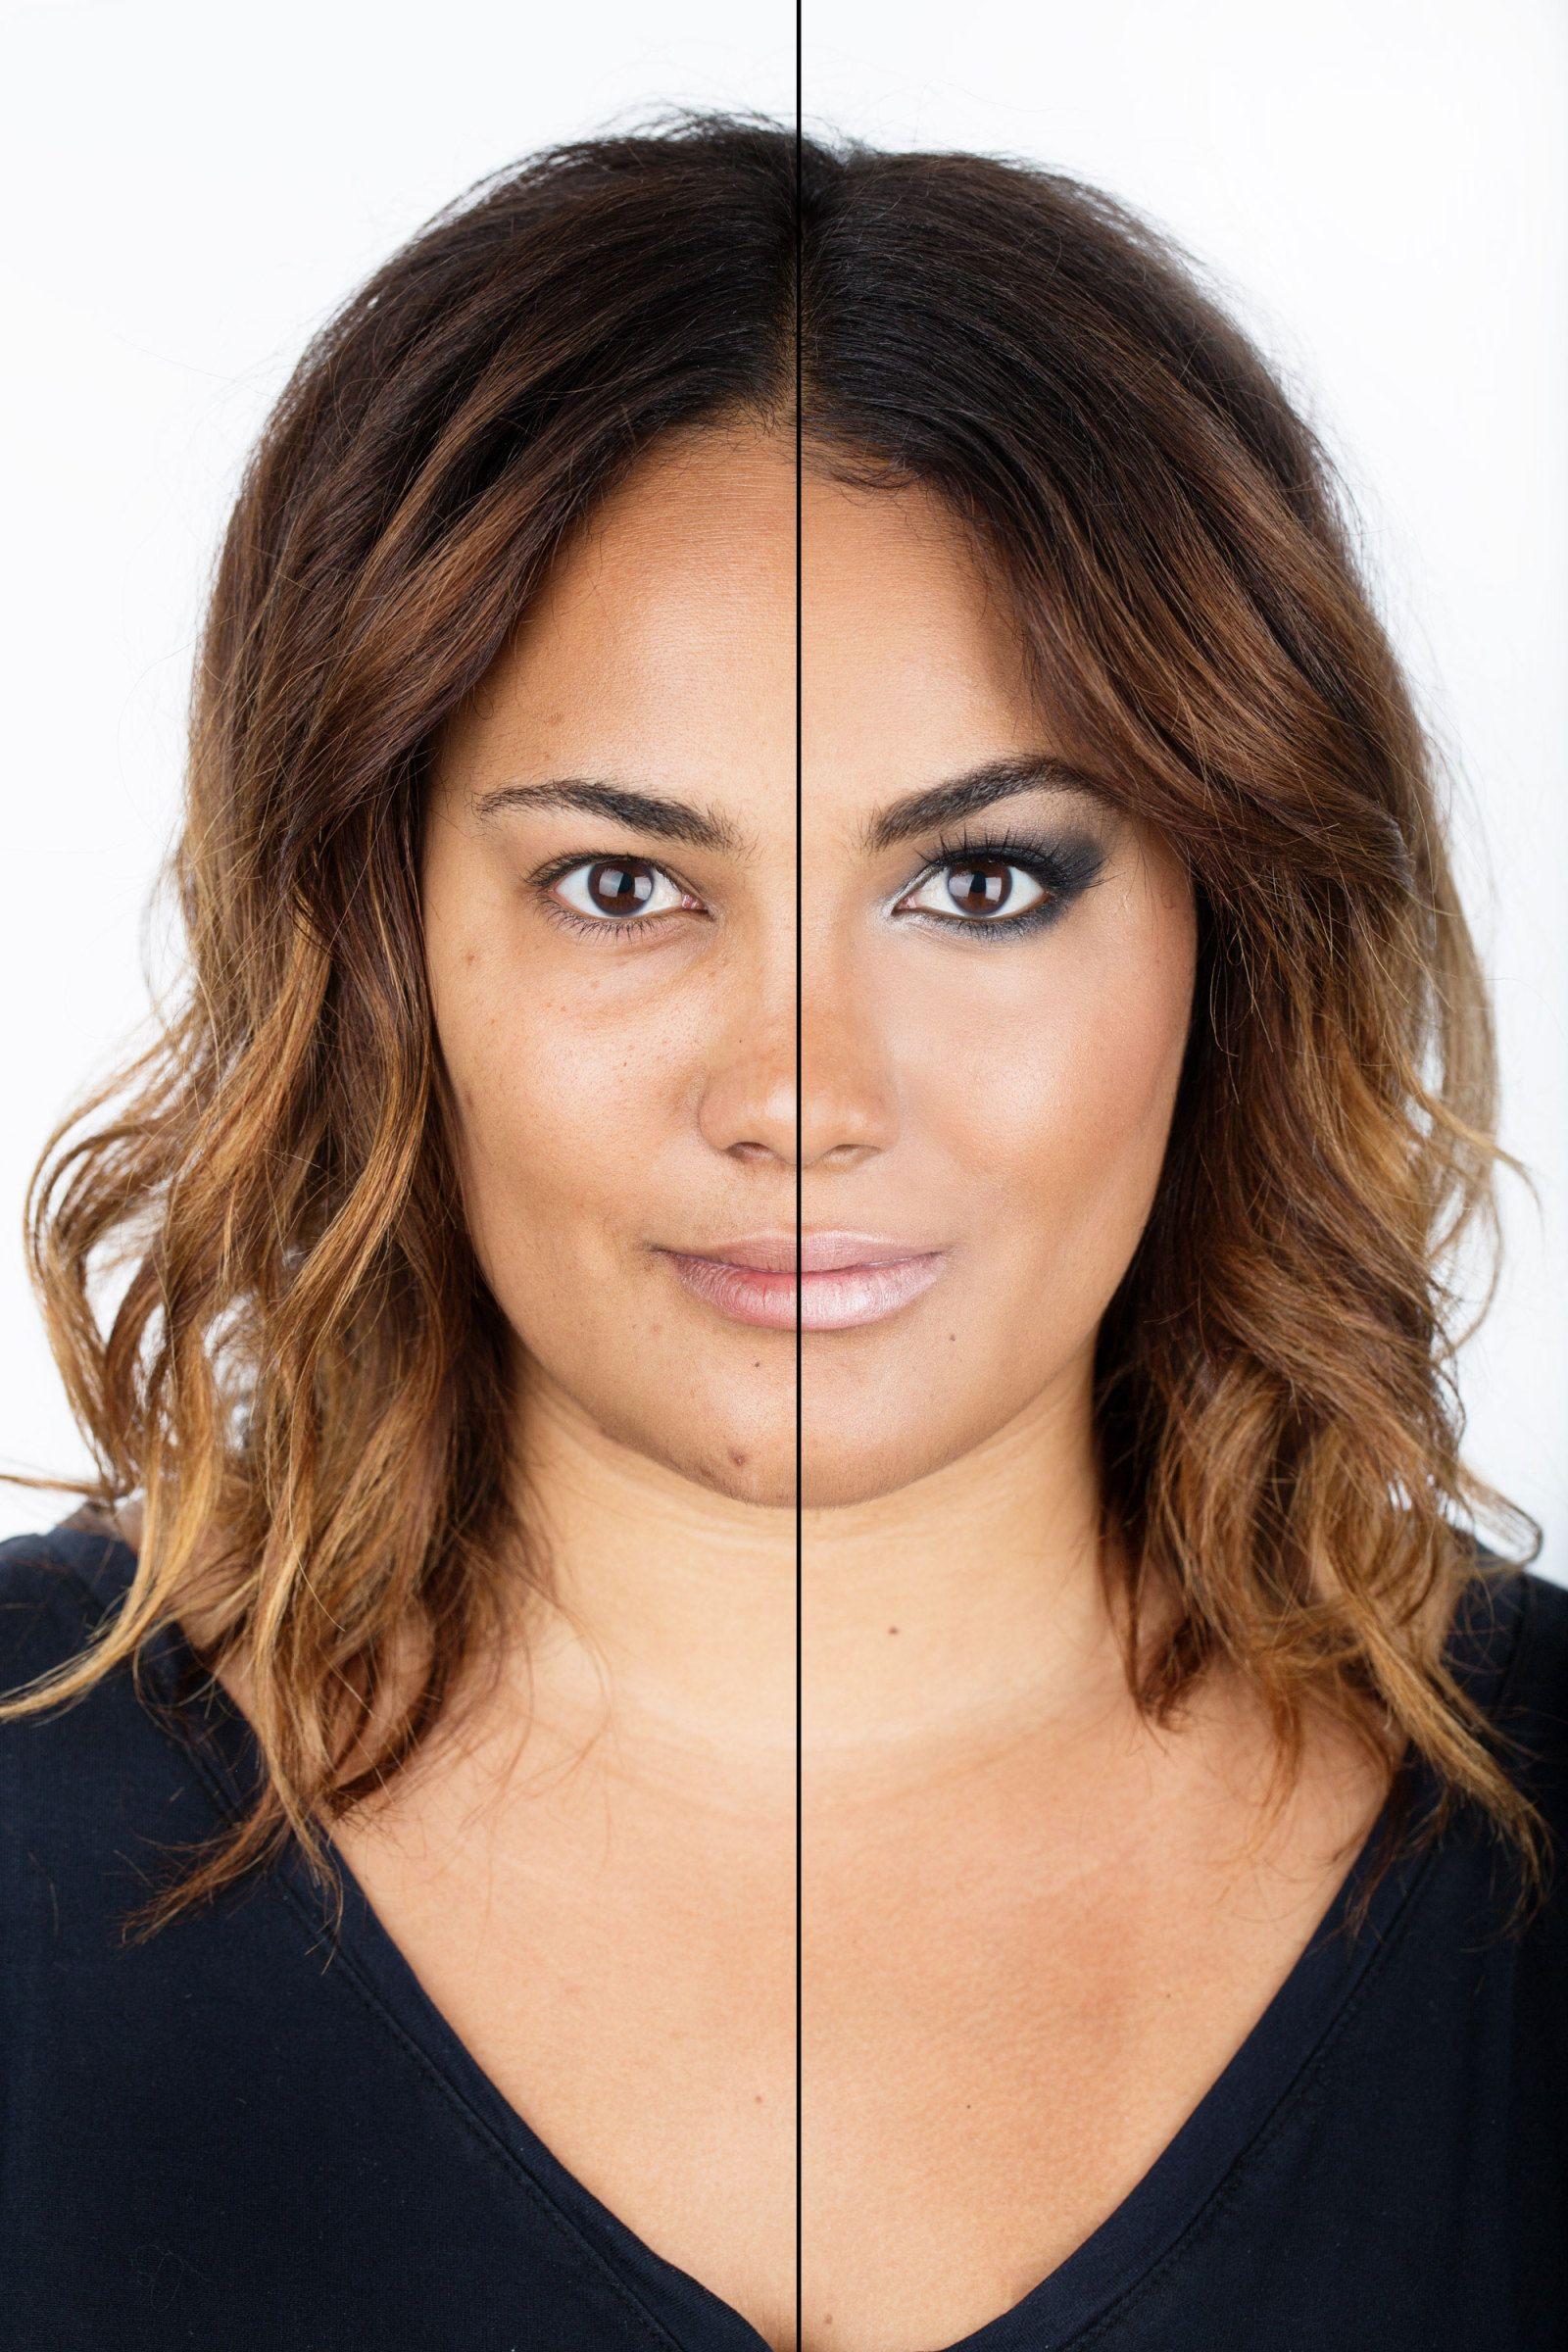 12 Stunning Photos of Women Without Makeup Heavy makeup